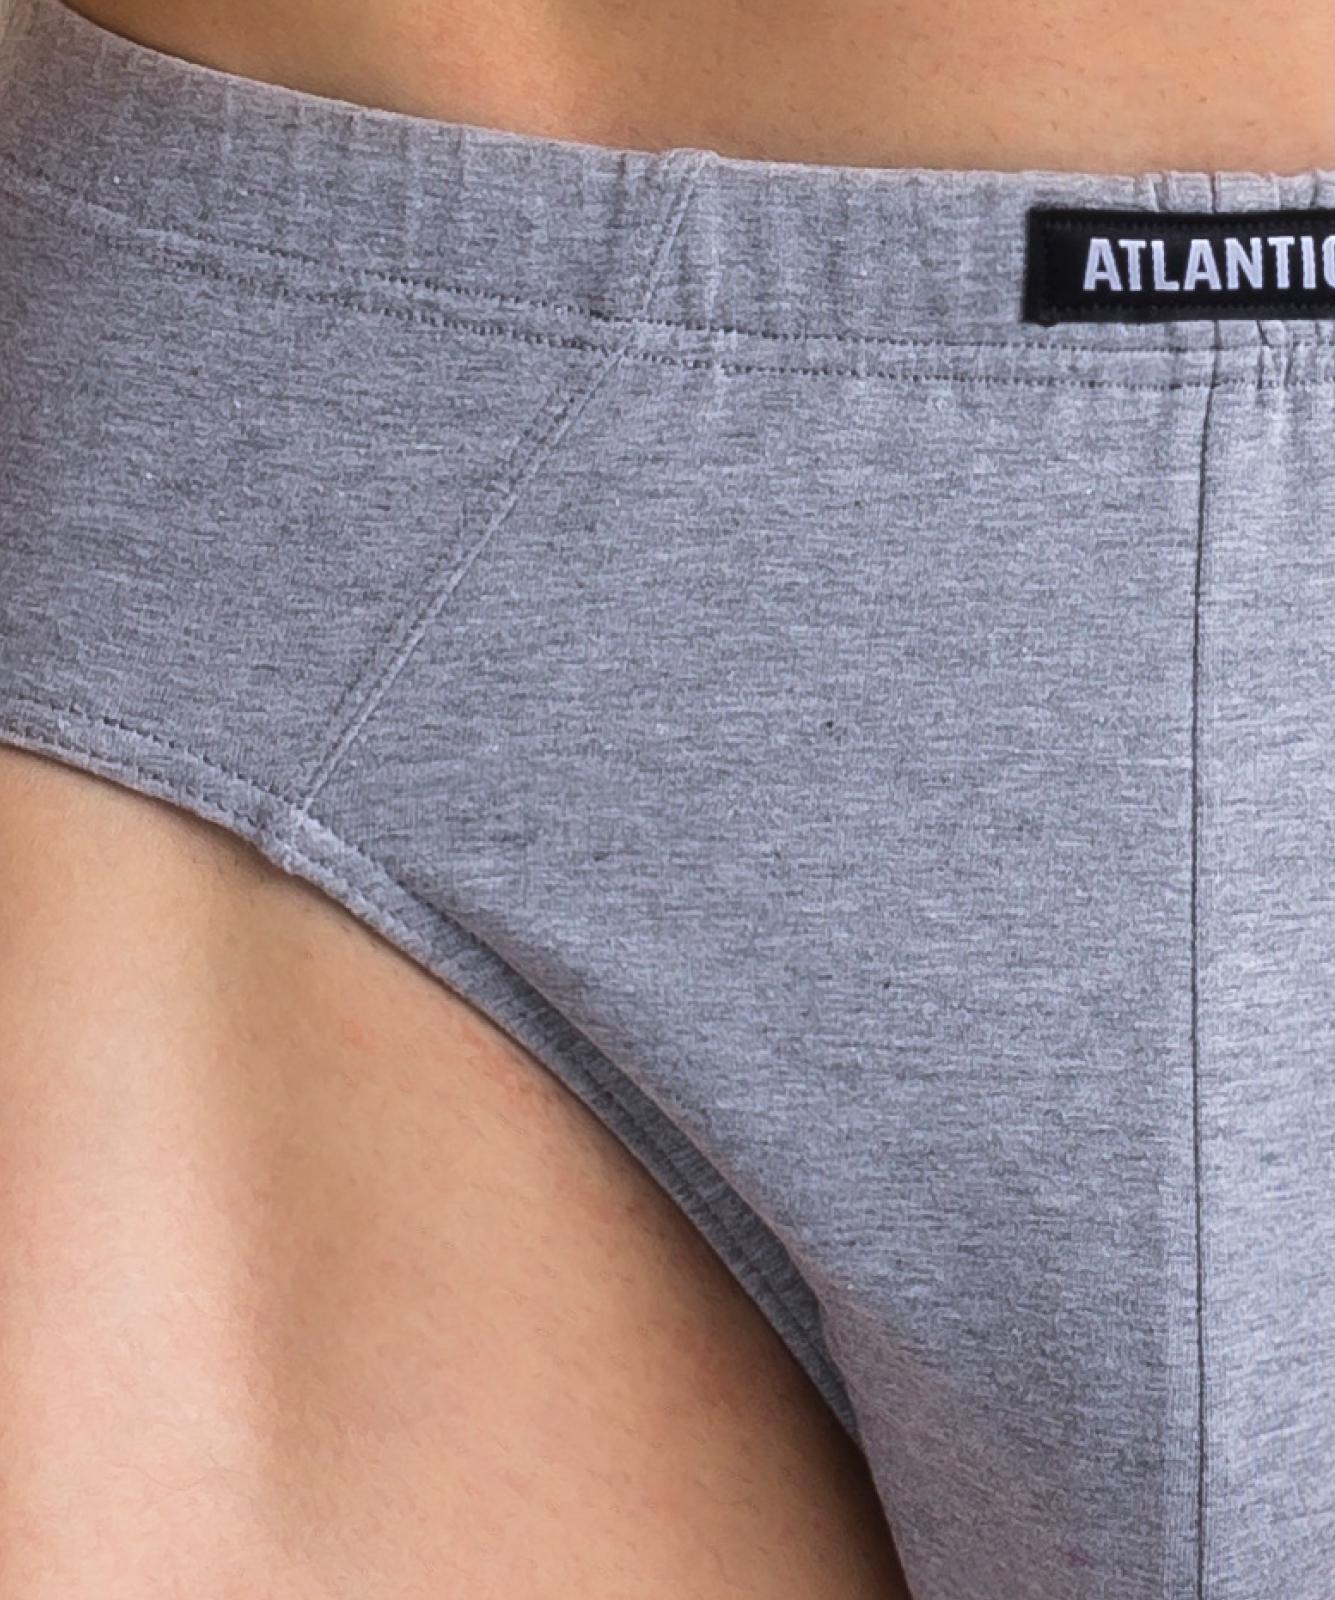 Мужские трусы слипы классика Atlantic, набор 3 шт., хлопок, черные + серый меланж + хаки, 3MP-108